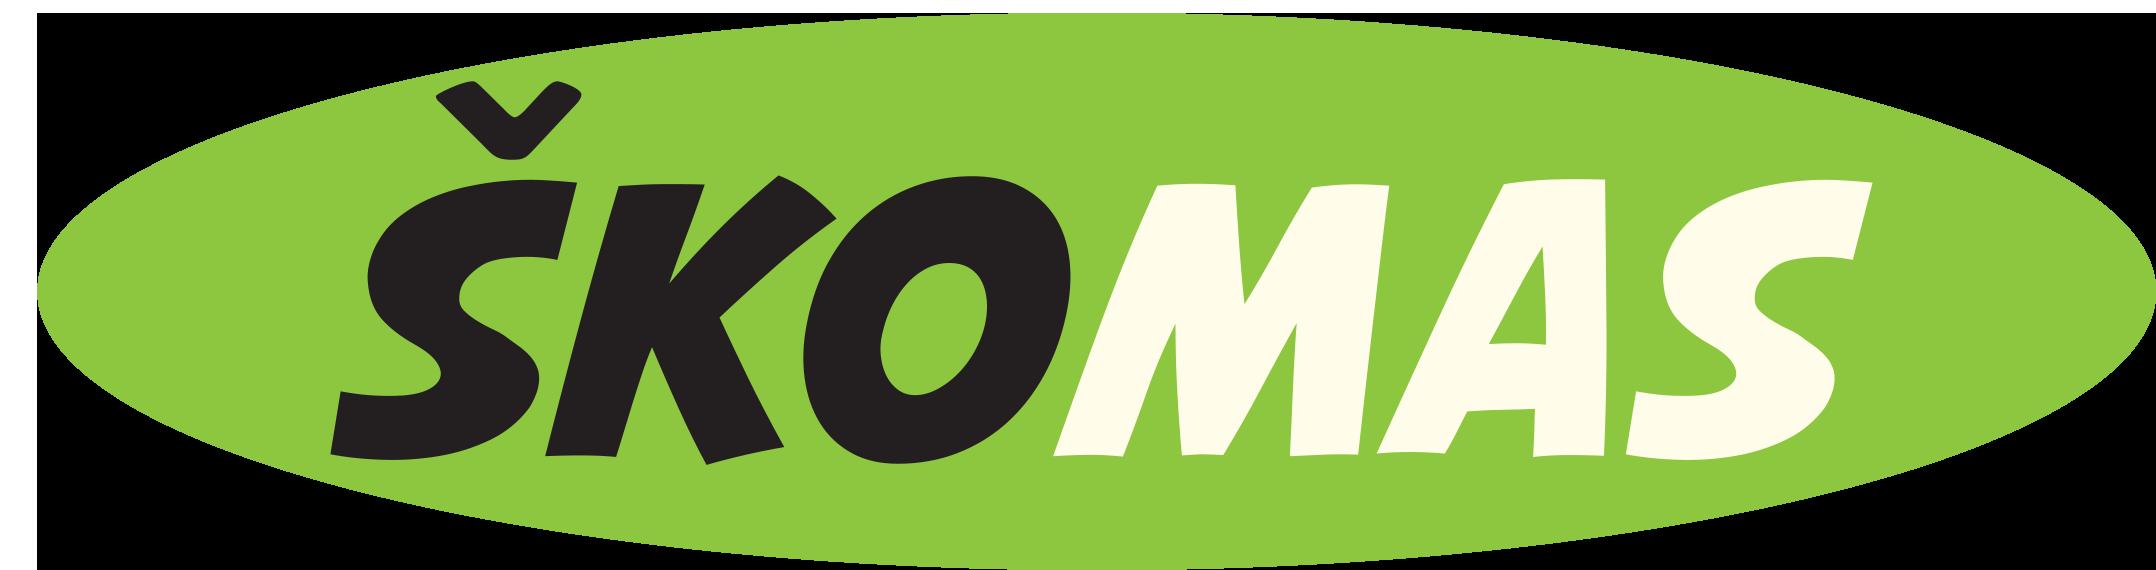 Škomas